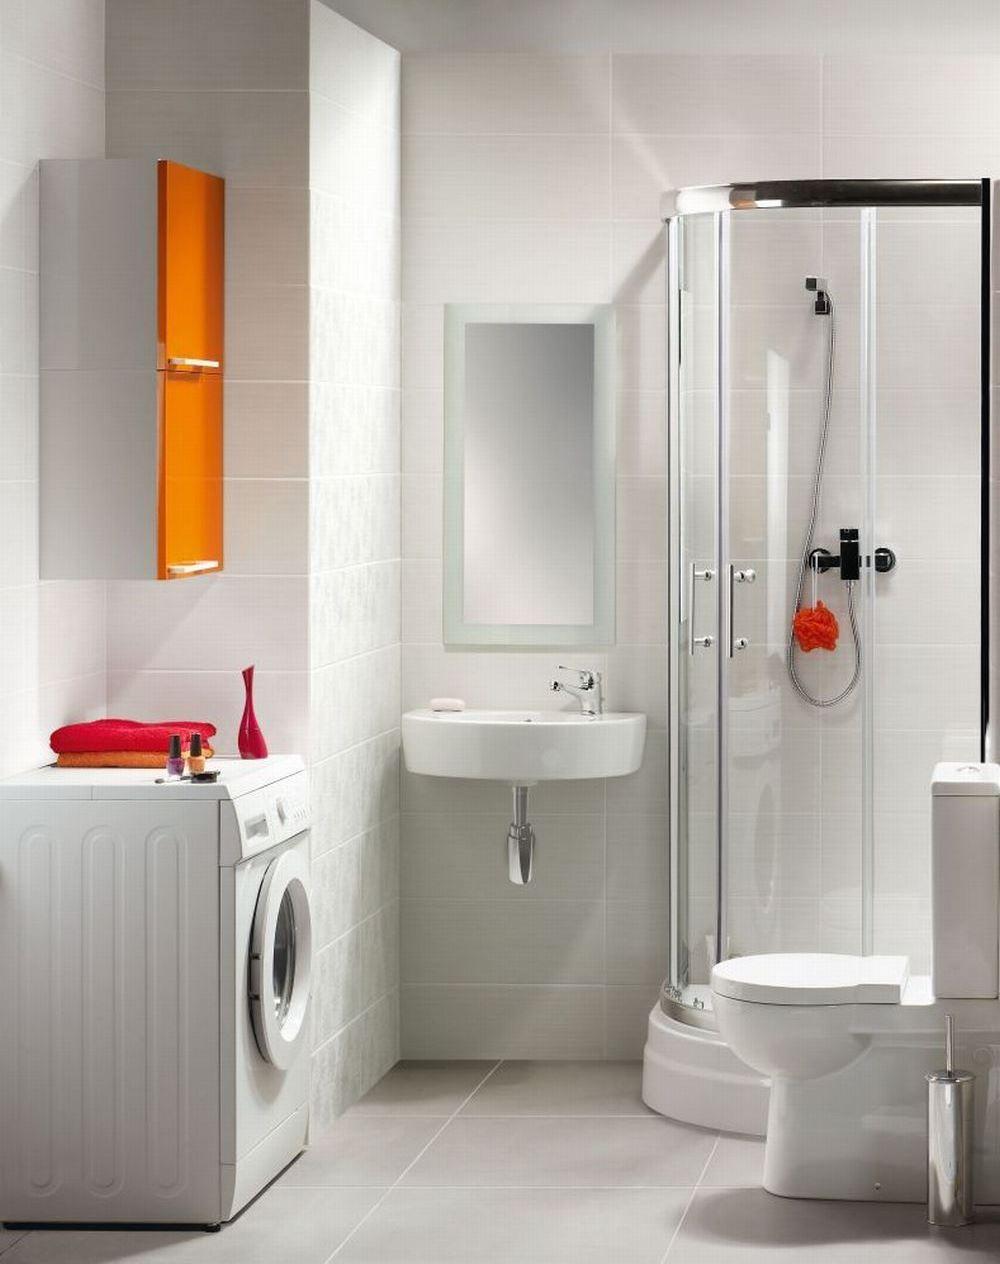 Удобное размещение стиральной машины в ванной комнате